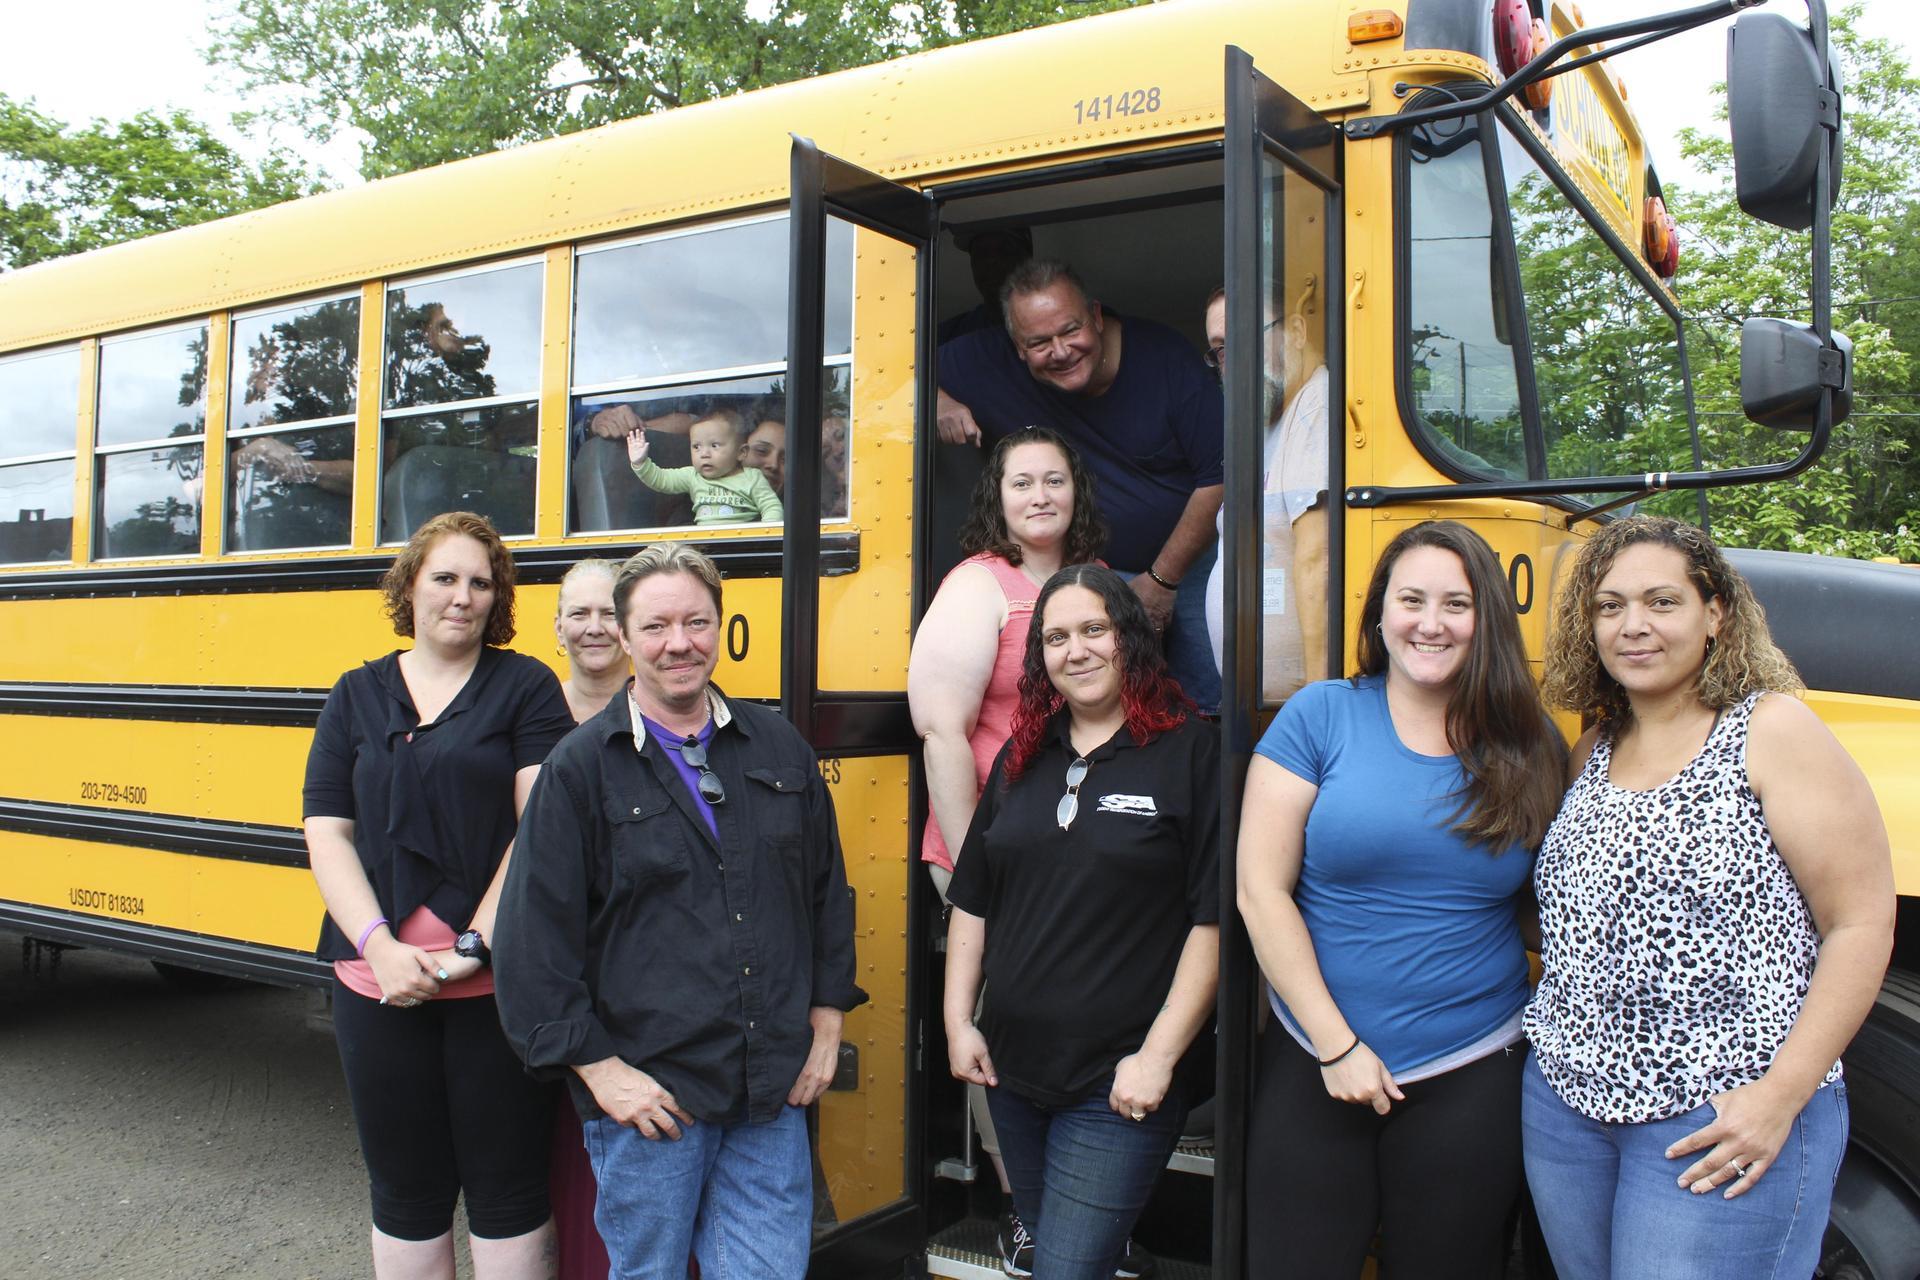 Bus drivers posing in door of bus